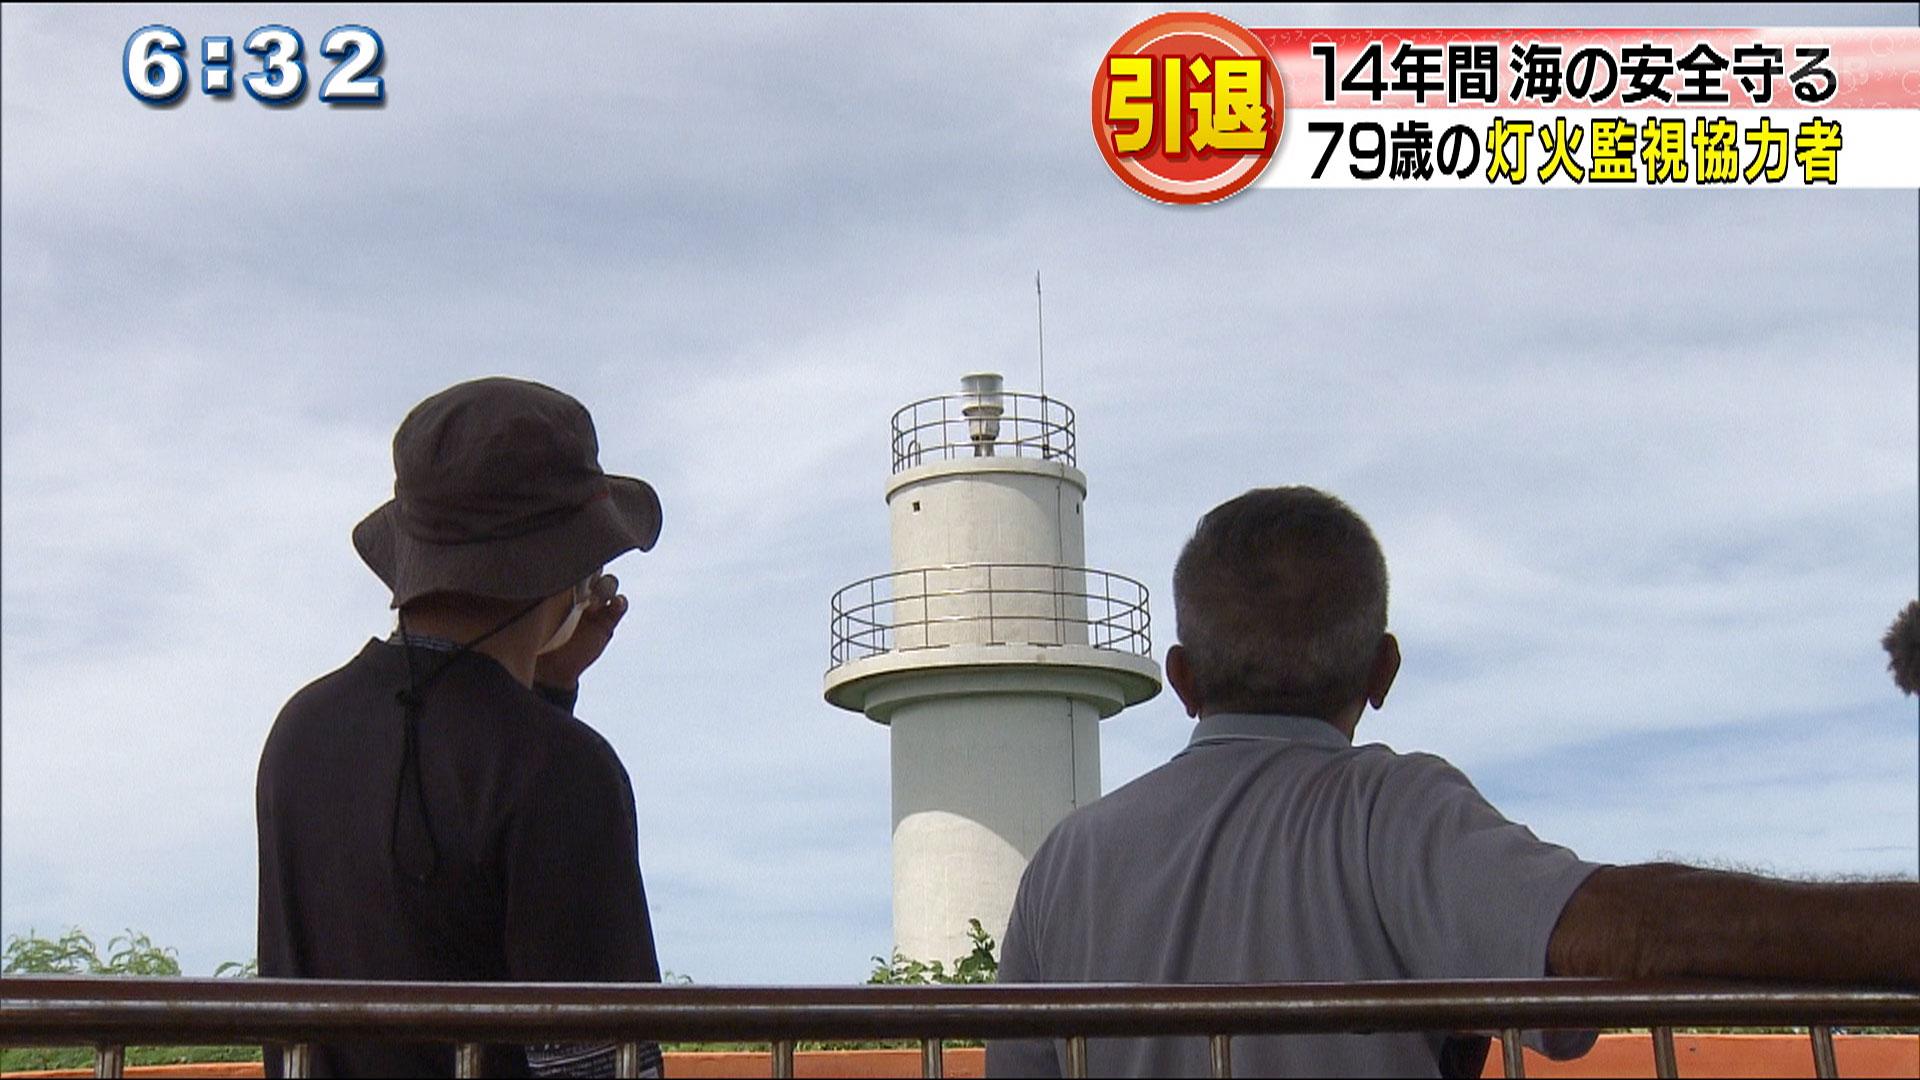 14年間海の安全を守ってきた灯火監視協力者引退